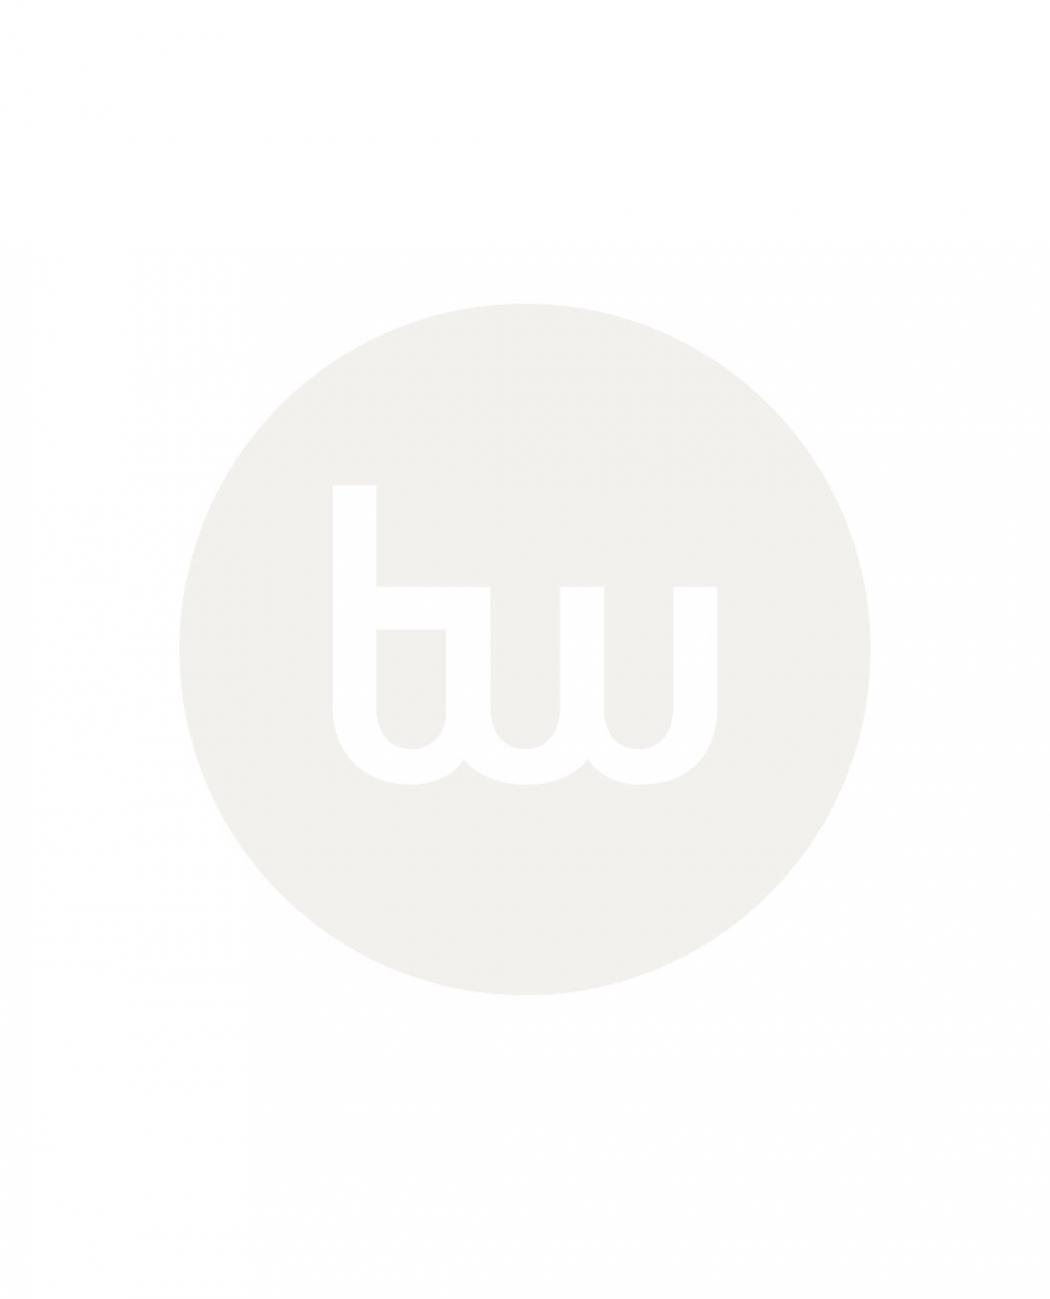 73a0379a4c6c1 Matbock MATBOCK Multicam Black Hats - TACWRK